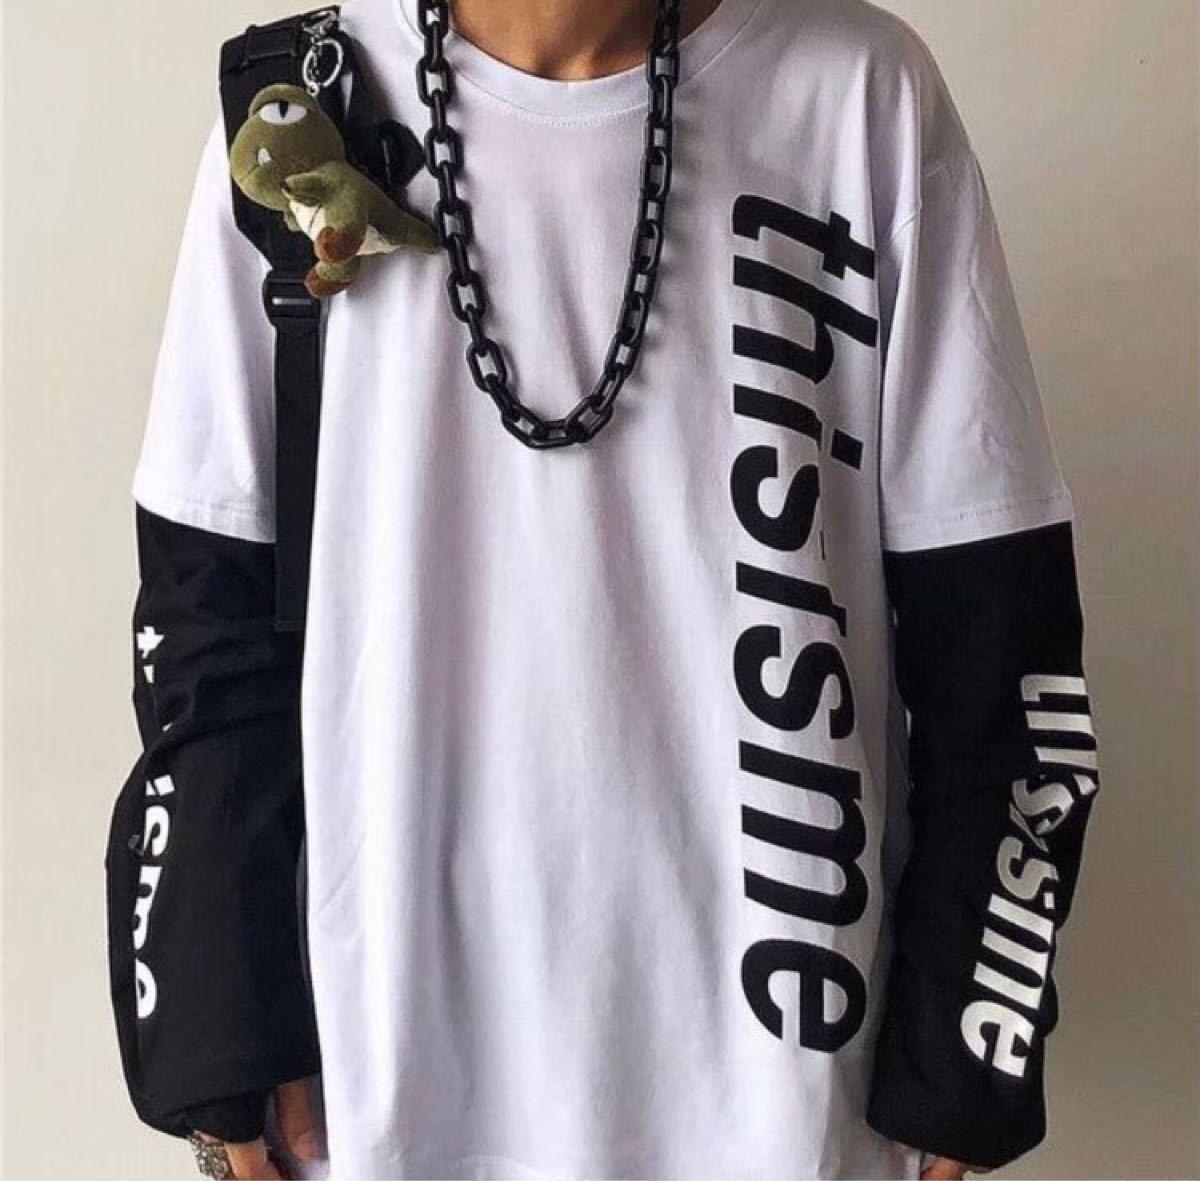 ロングTシャツ  重ね着風  新品未使用  大人気  男女兼用  ロゴTシャツ